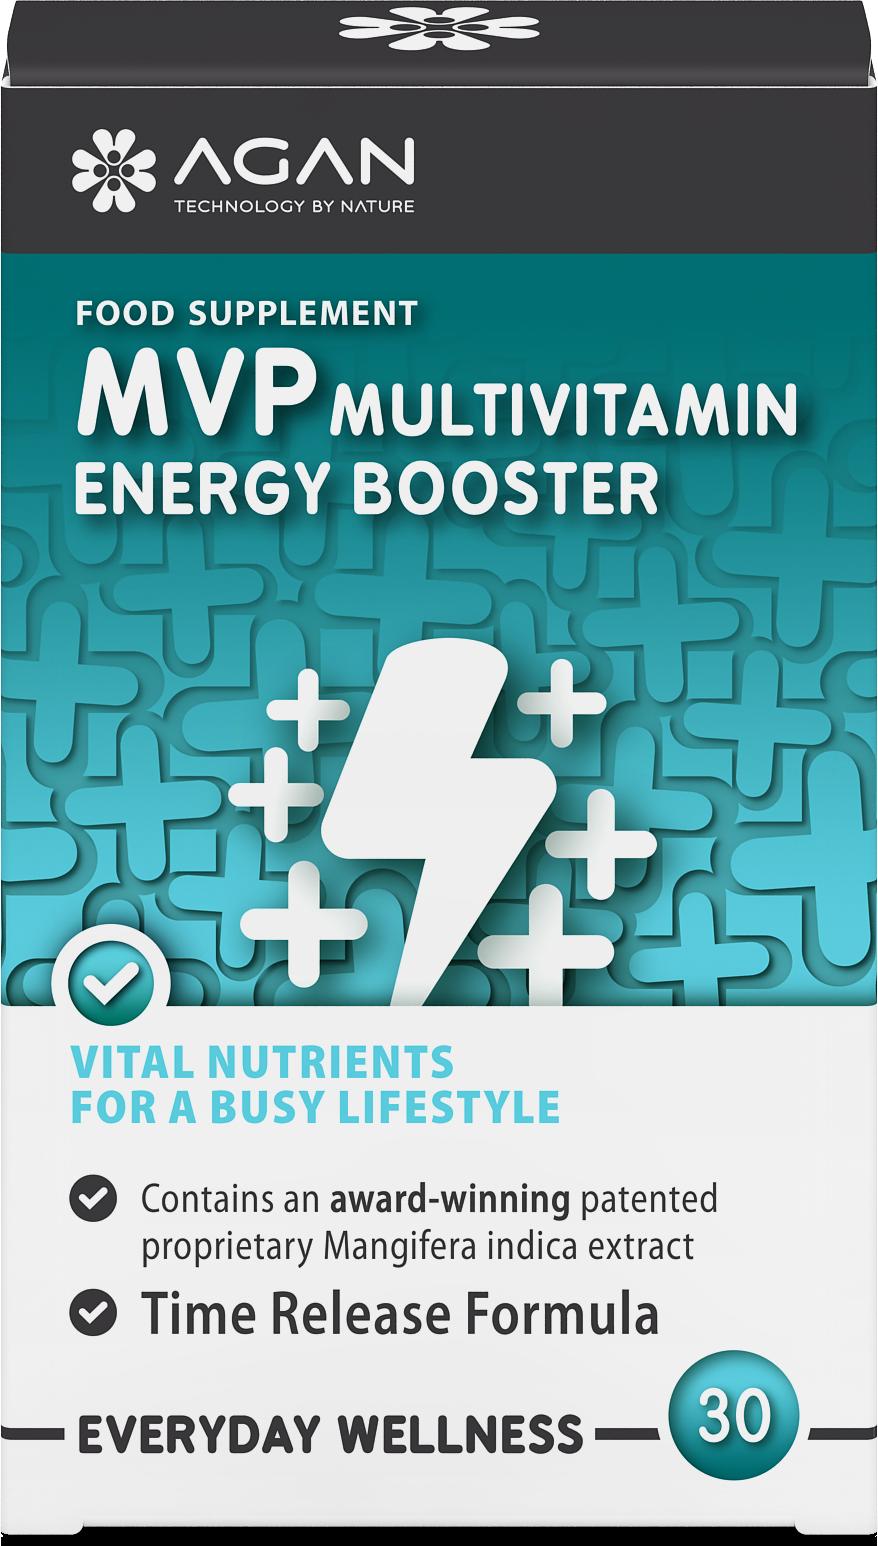 MVP Multivitamin ENERGY BOOSTER